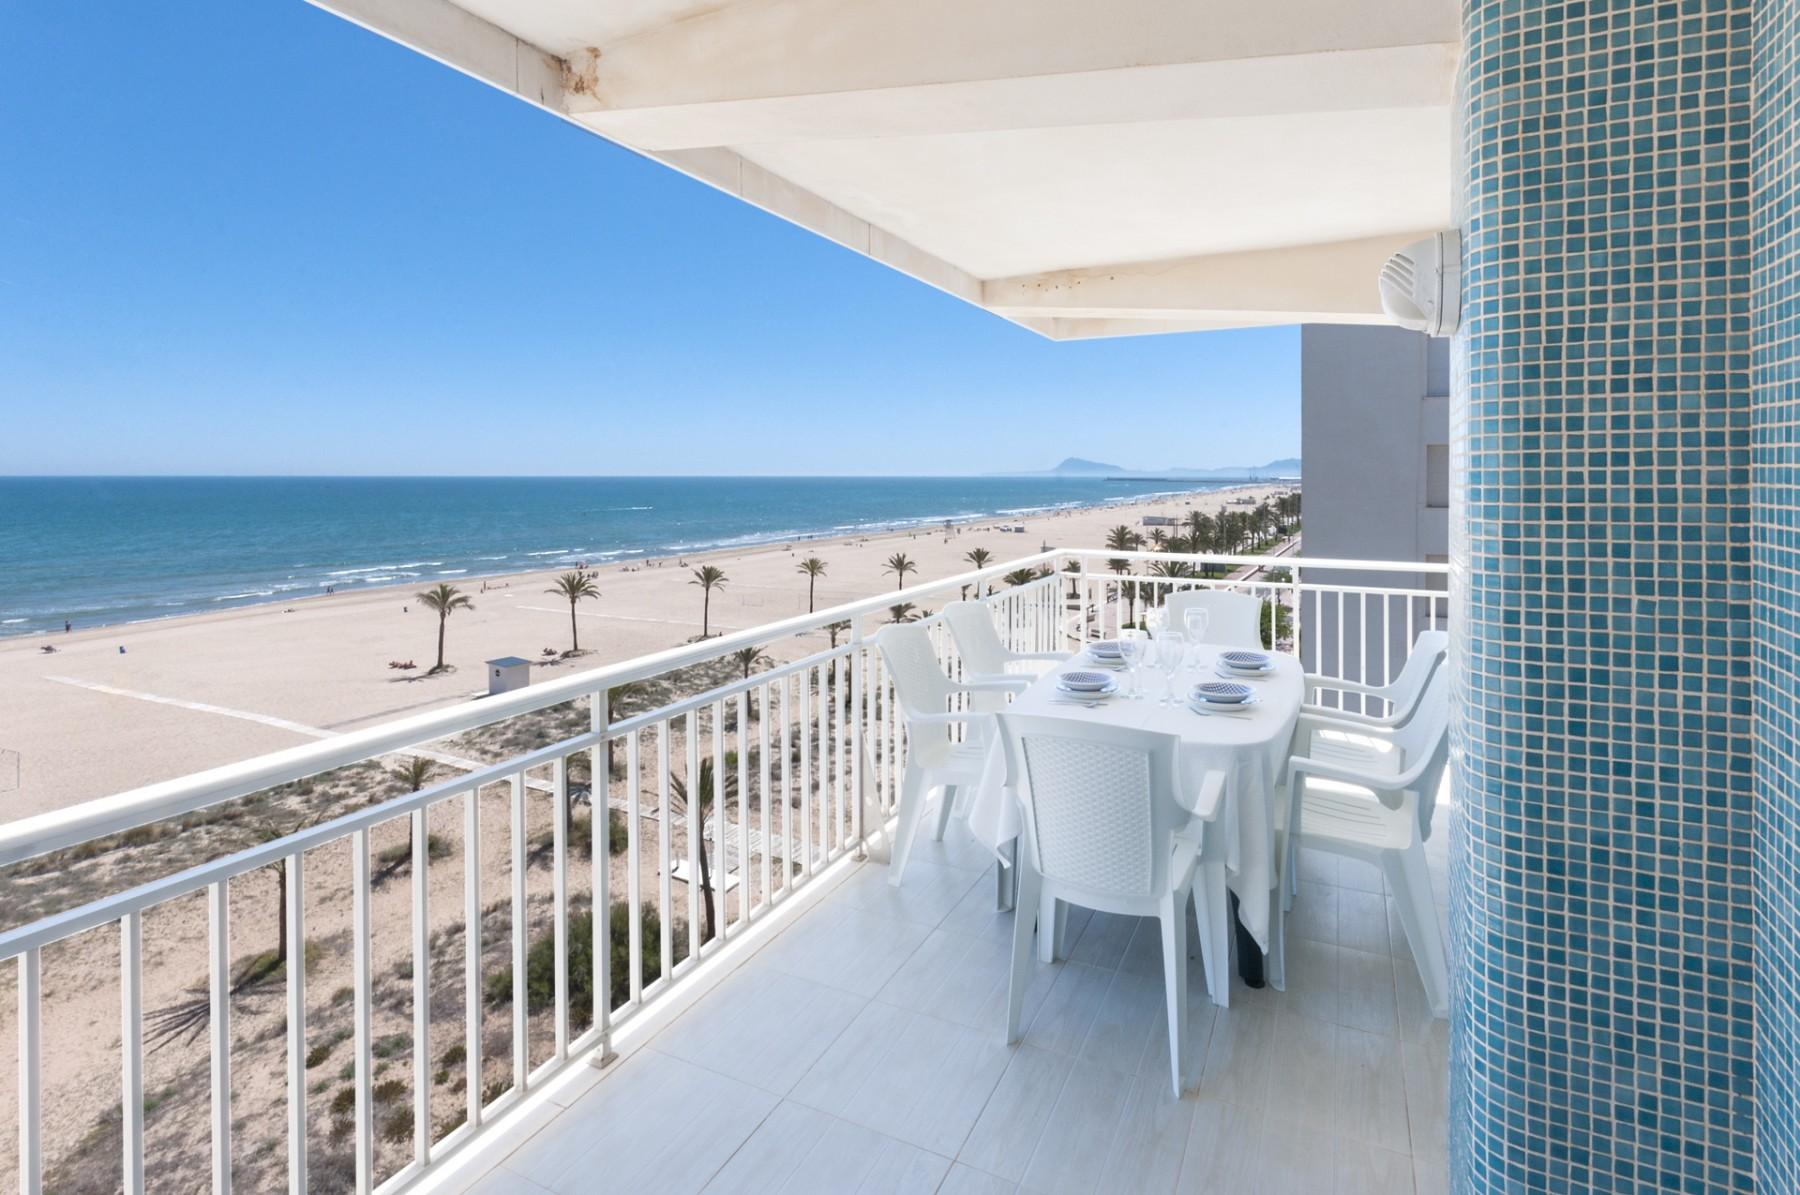 Apartamentos en playa de gand a 25 ag las sirenas - Apartamentos en gandia playa ...